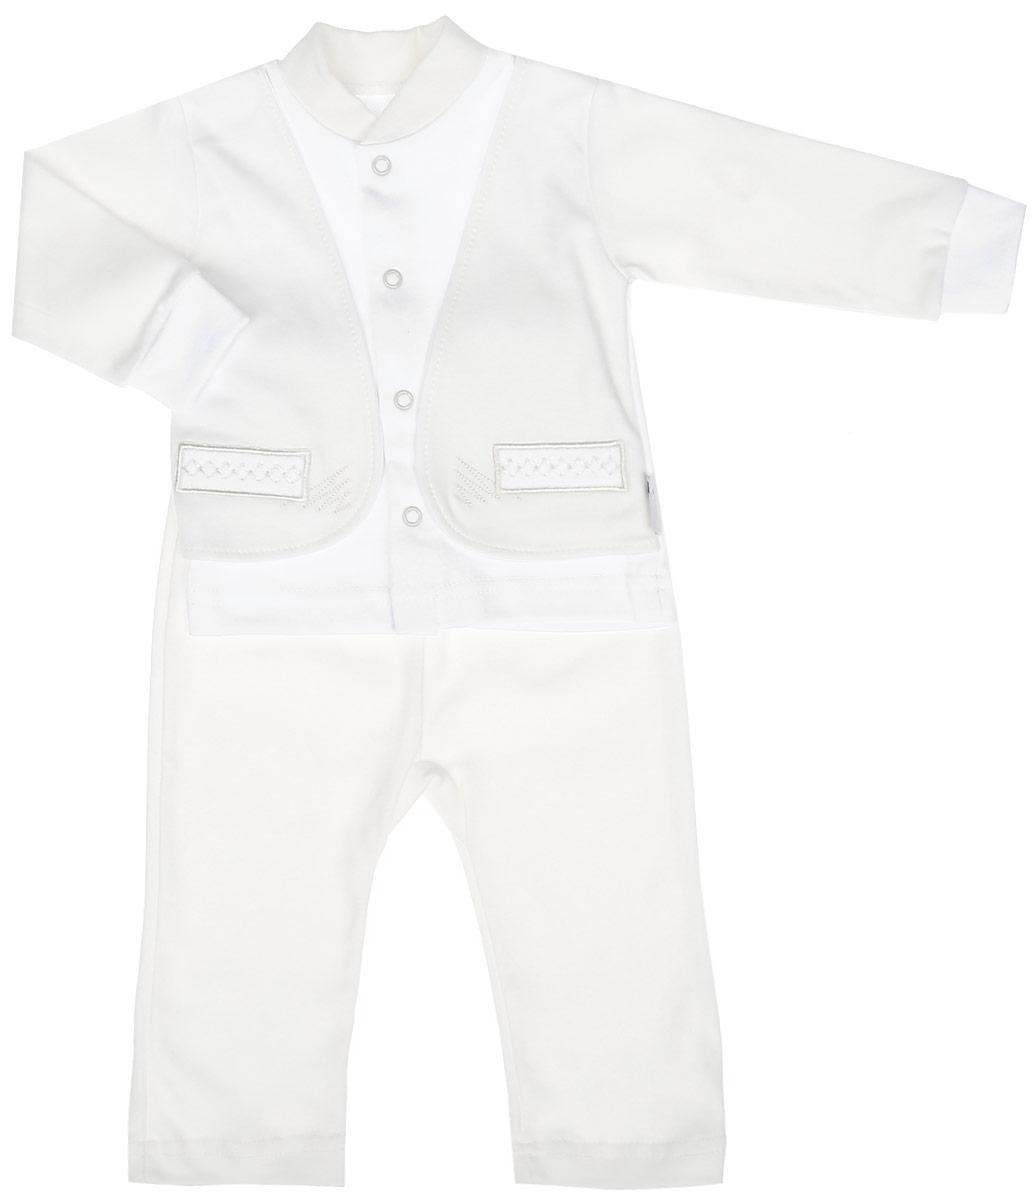 Комплект для мальчика Клякса: кофточка, штанишки, цвет: экрю, белый. 37к-2005. Размер 6237к-2005Комплект для мальчика Клякса, изготовленный из натурального хлопка, состоит из кофточки и штанишек. Кофточка с имитацией пиджака застегивается спереди на кнопки. Модель с длинными рукавами имеет круглый вырез горловины, дополненный мягкой трикотажной резинкой. На рукавах предусмотрены эластичные манжеты. Кофточка украшена вышивкой. Штанишки с завышенной линией талии имеют мягкий эластичный пояс.